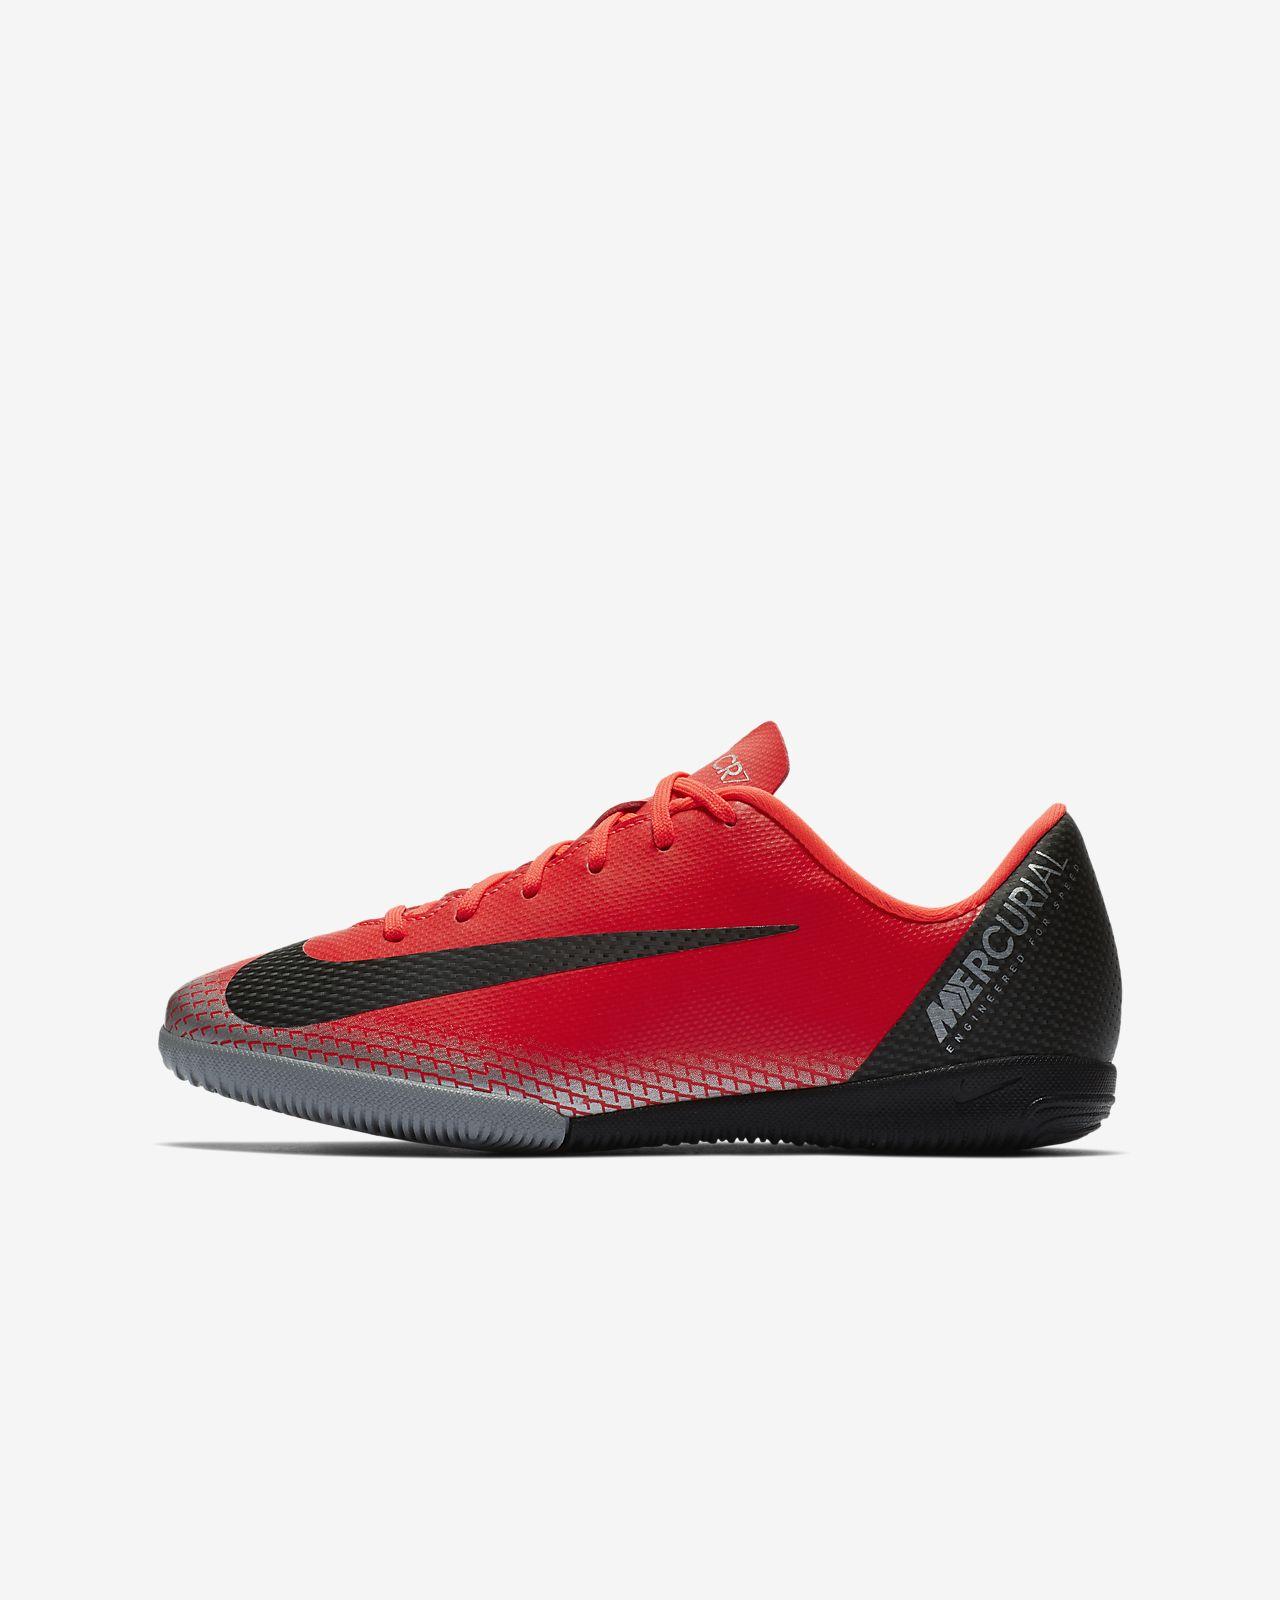 Sálová kopačka Nike Jr. MercurialX Vapor XII Academy CR7 pro malé/větší děti